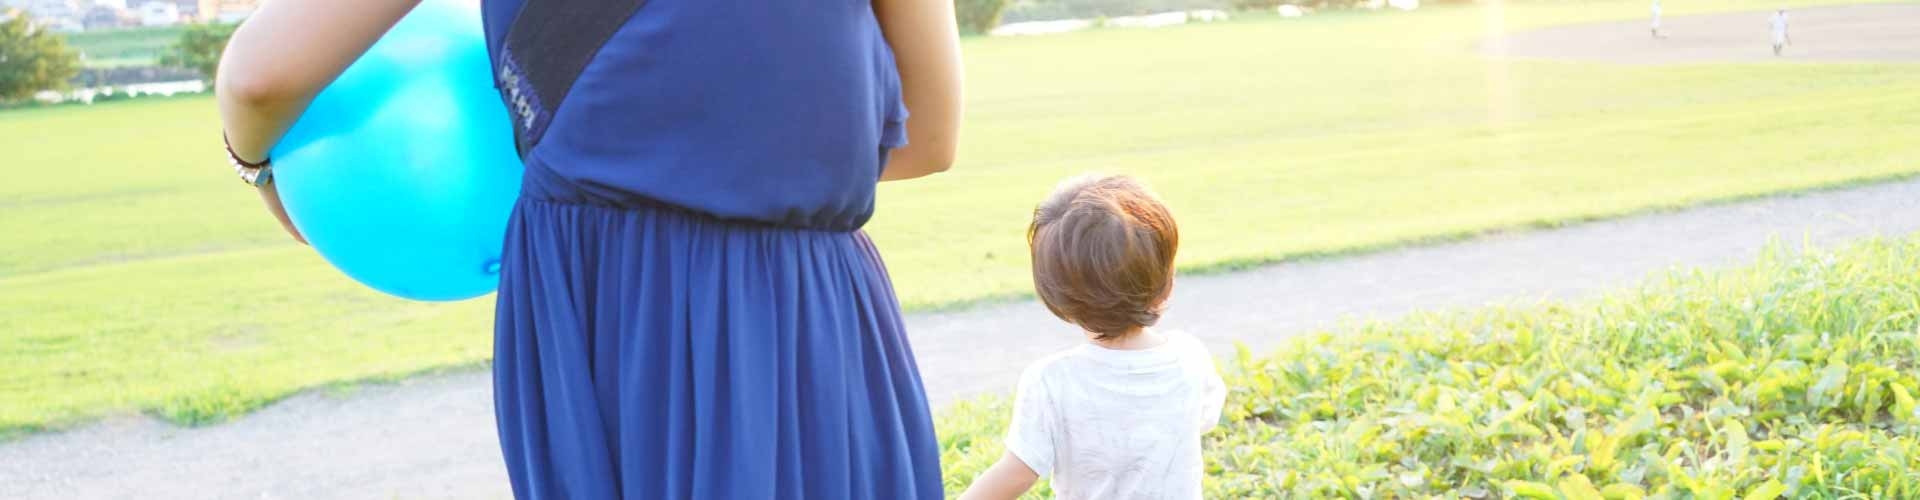 40代ママのストレス発散法!育児中のリフレッシュ法は?